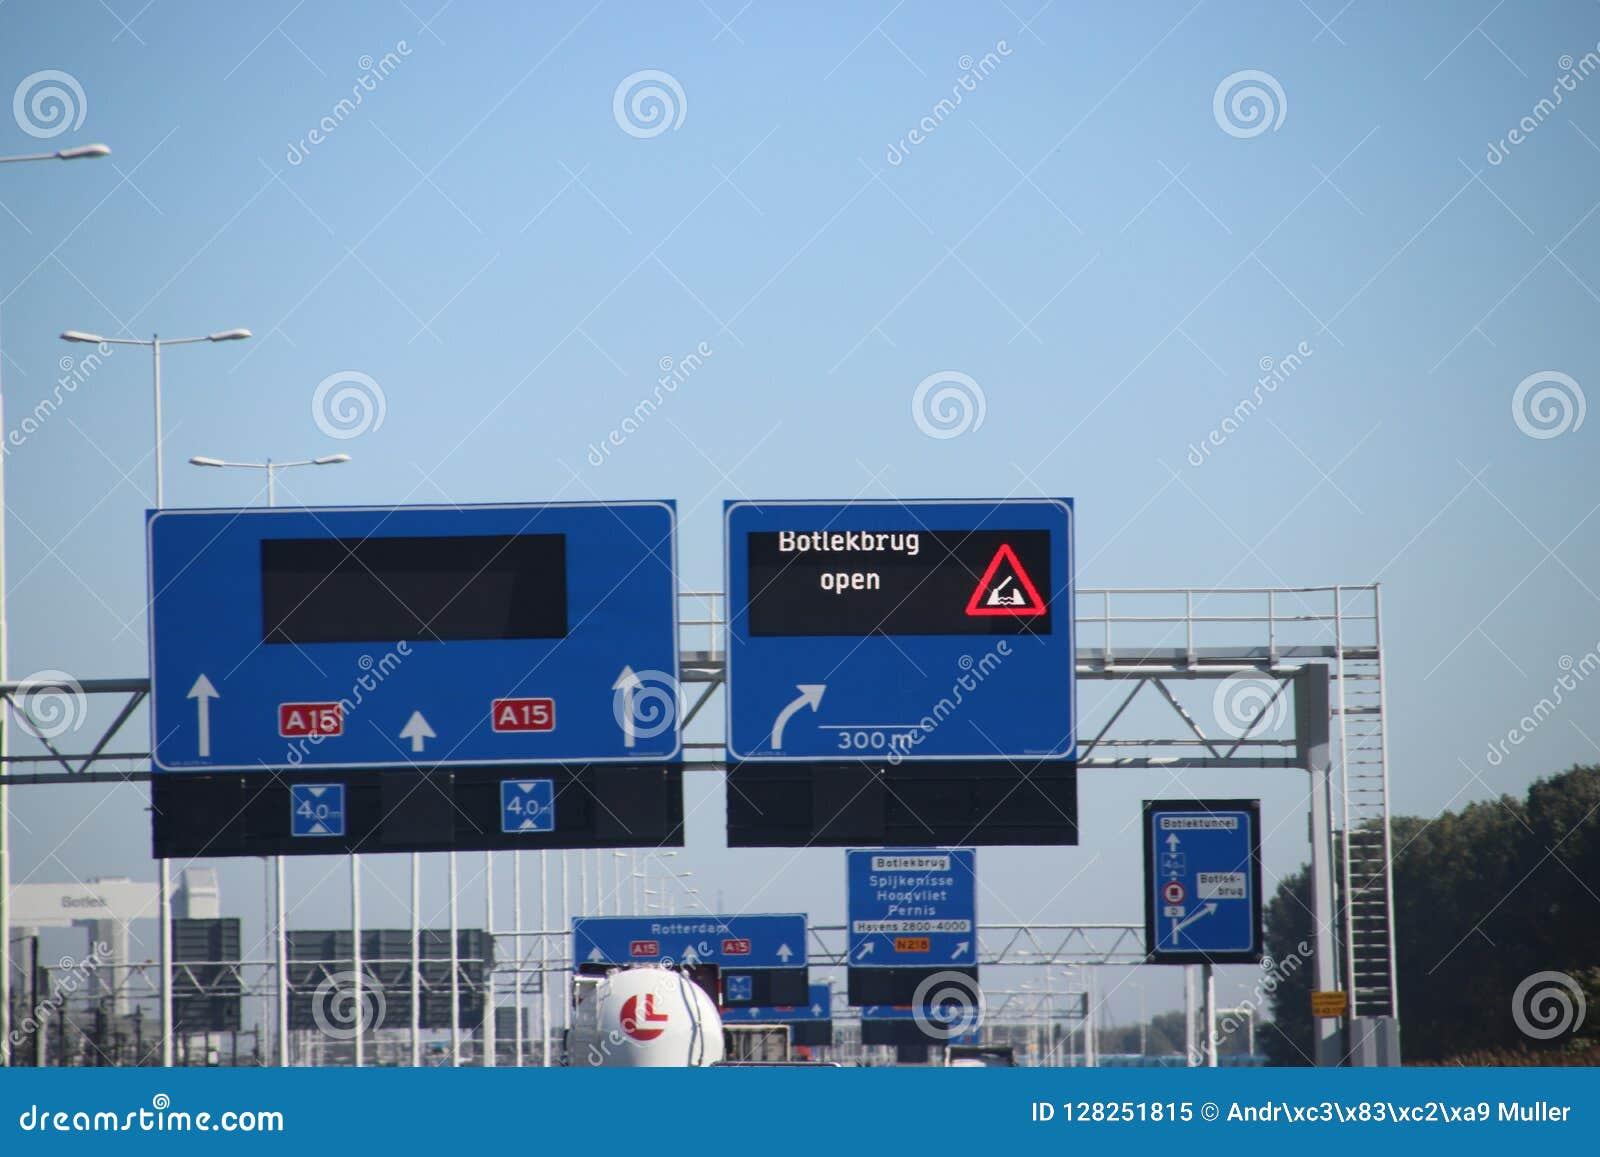 Underteckna ovanför vägen med varning att bron som namnges Botlekbrug är öppen som har inverkan av farlig godstrafik